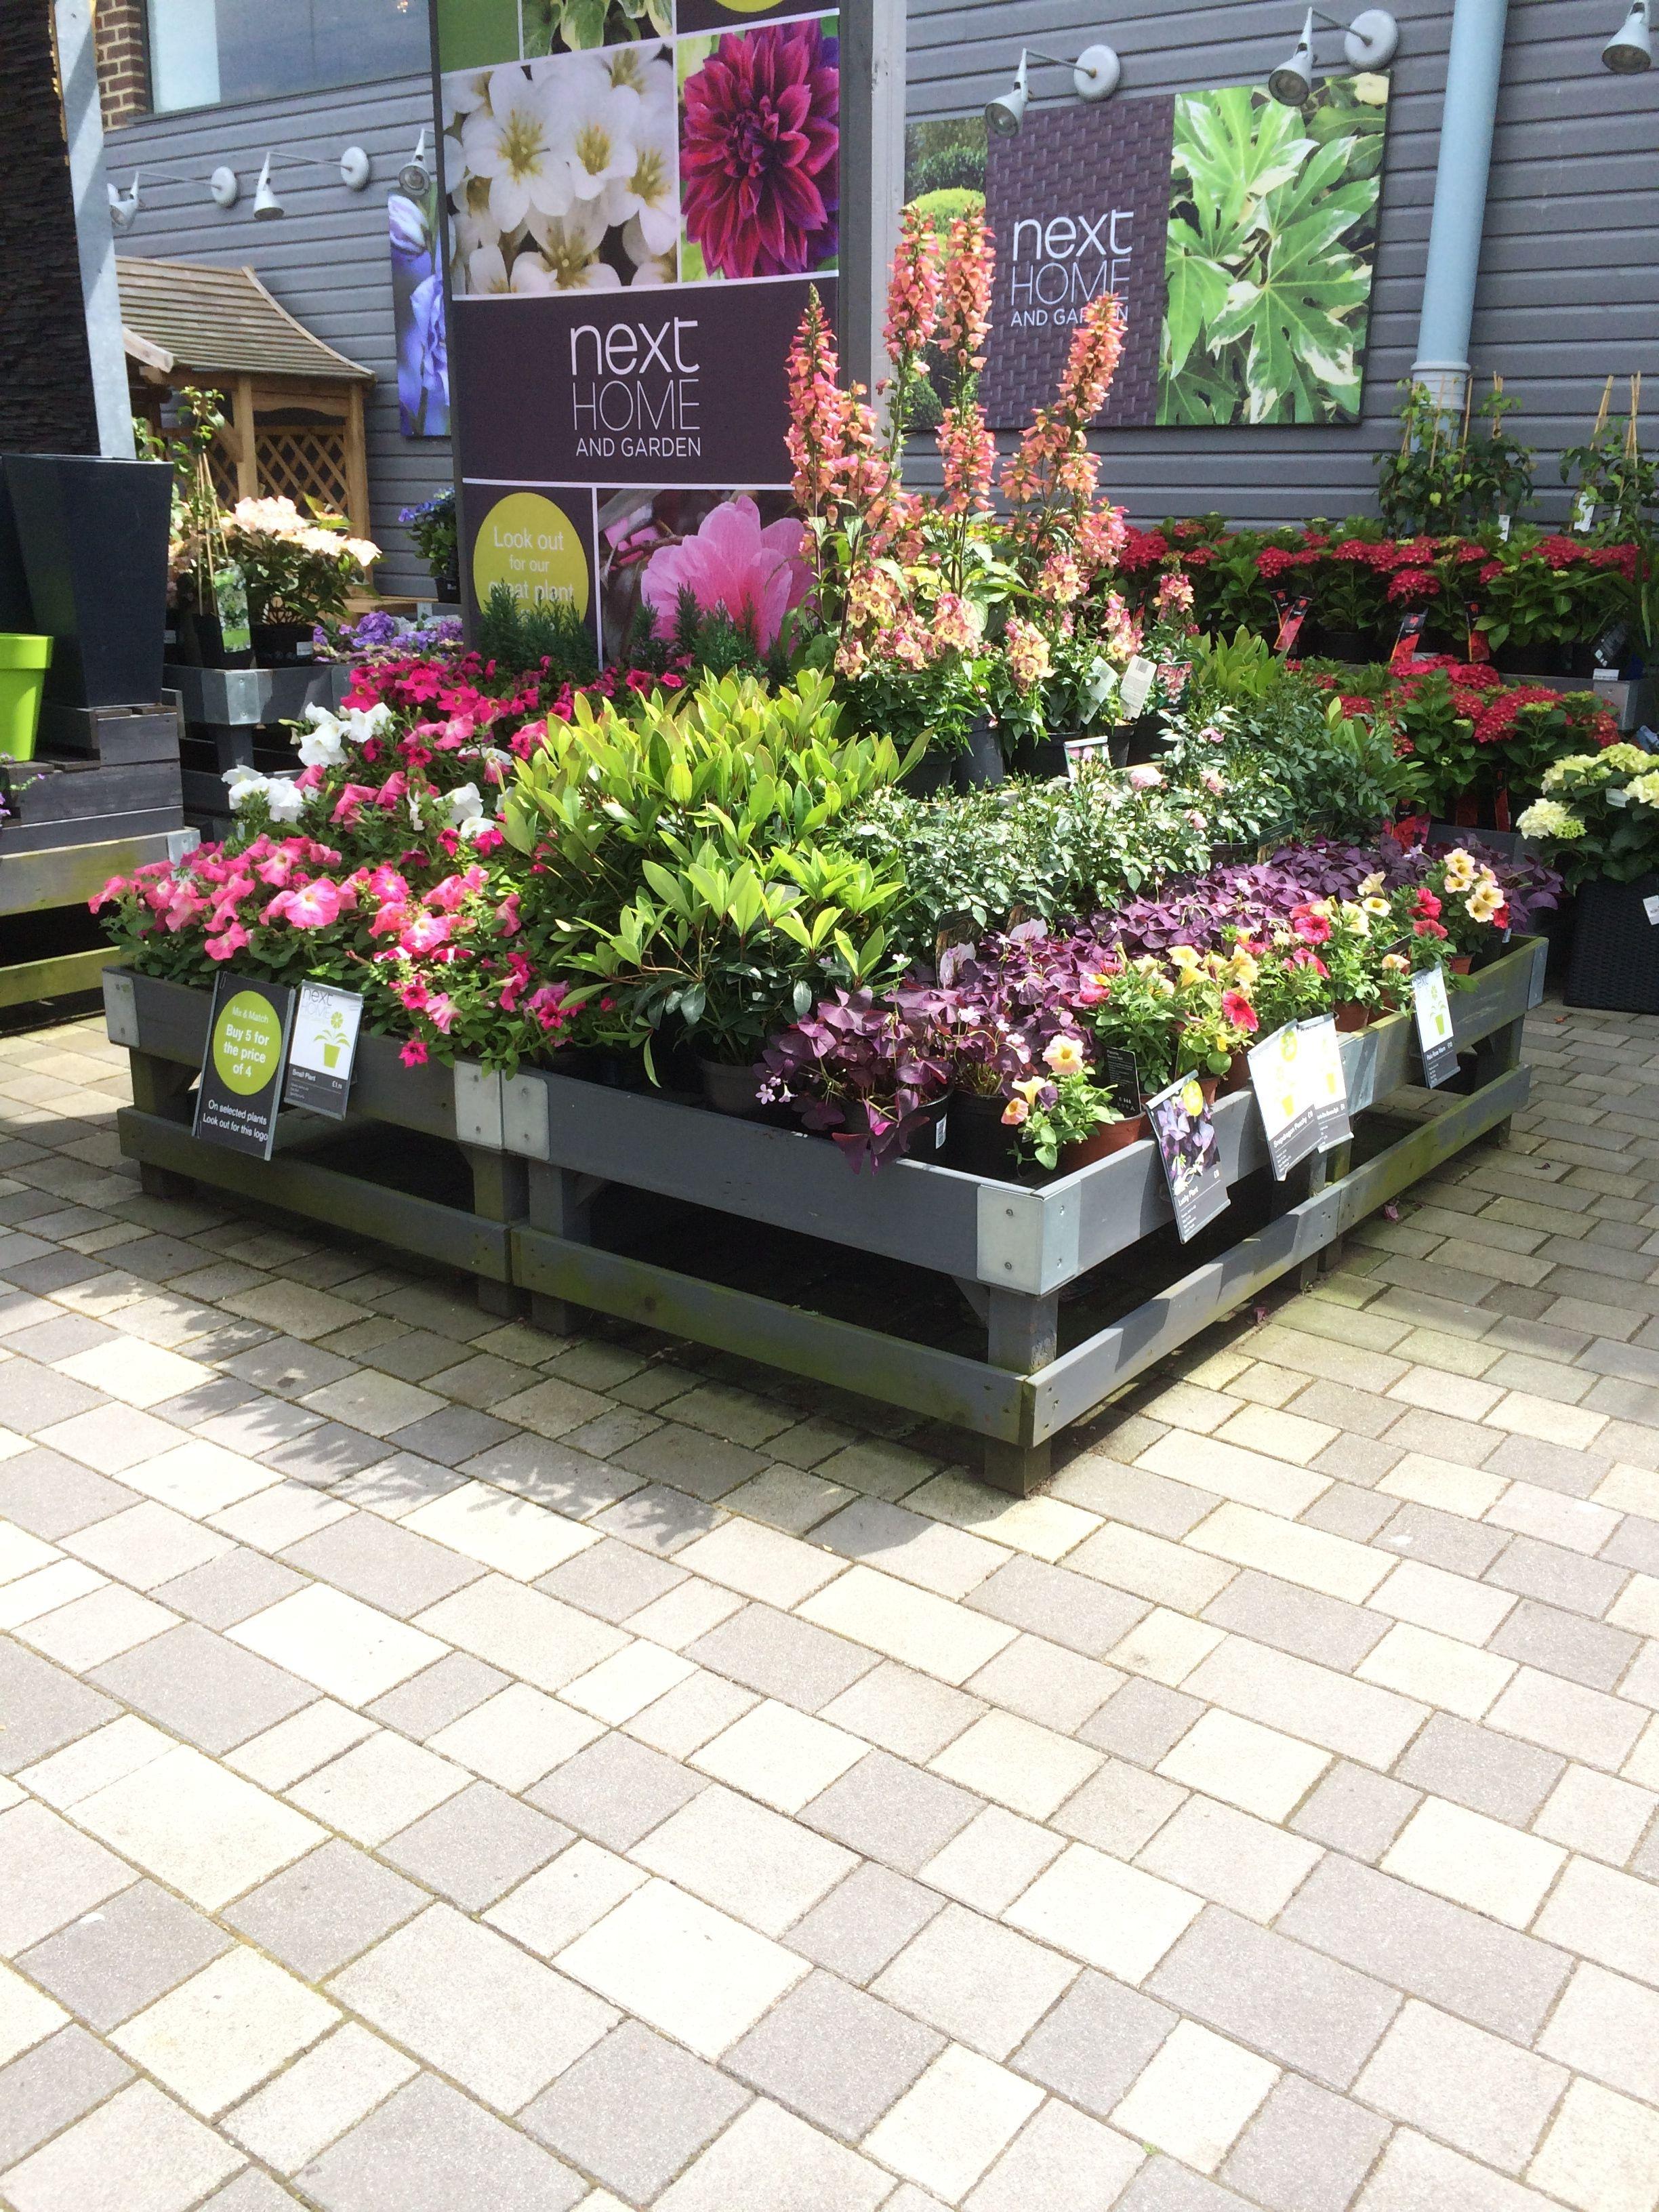 Next Home Garden Home Decorating Centre Garden